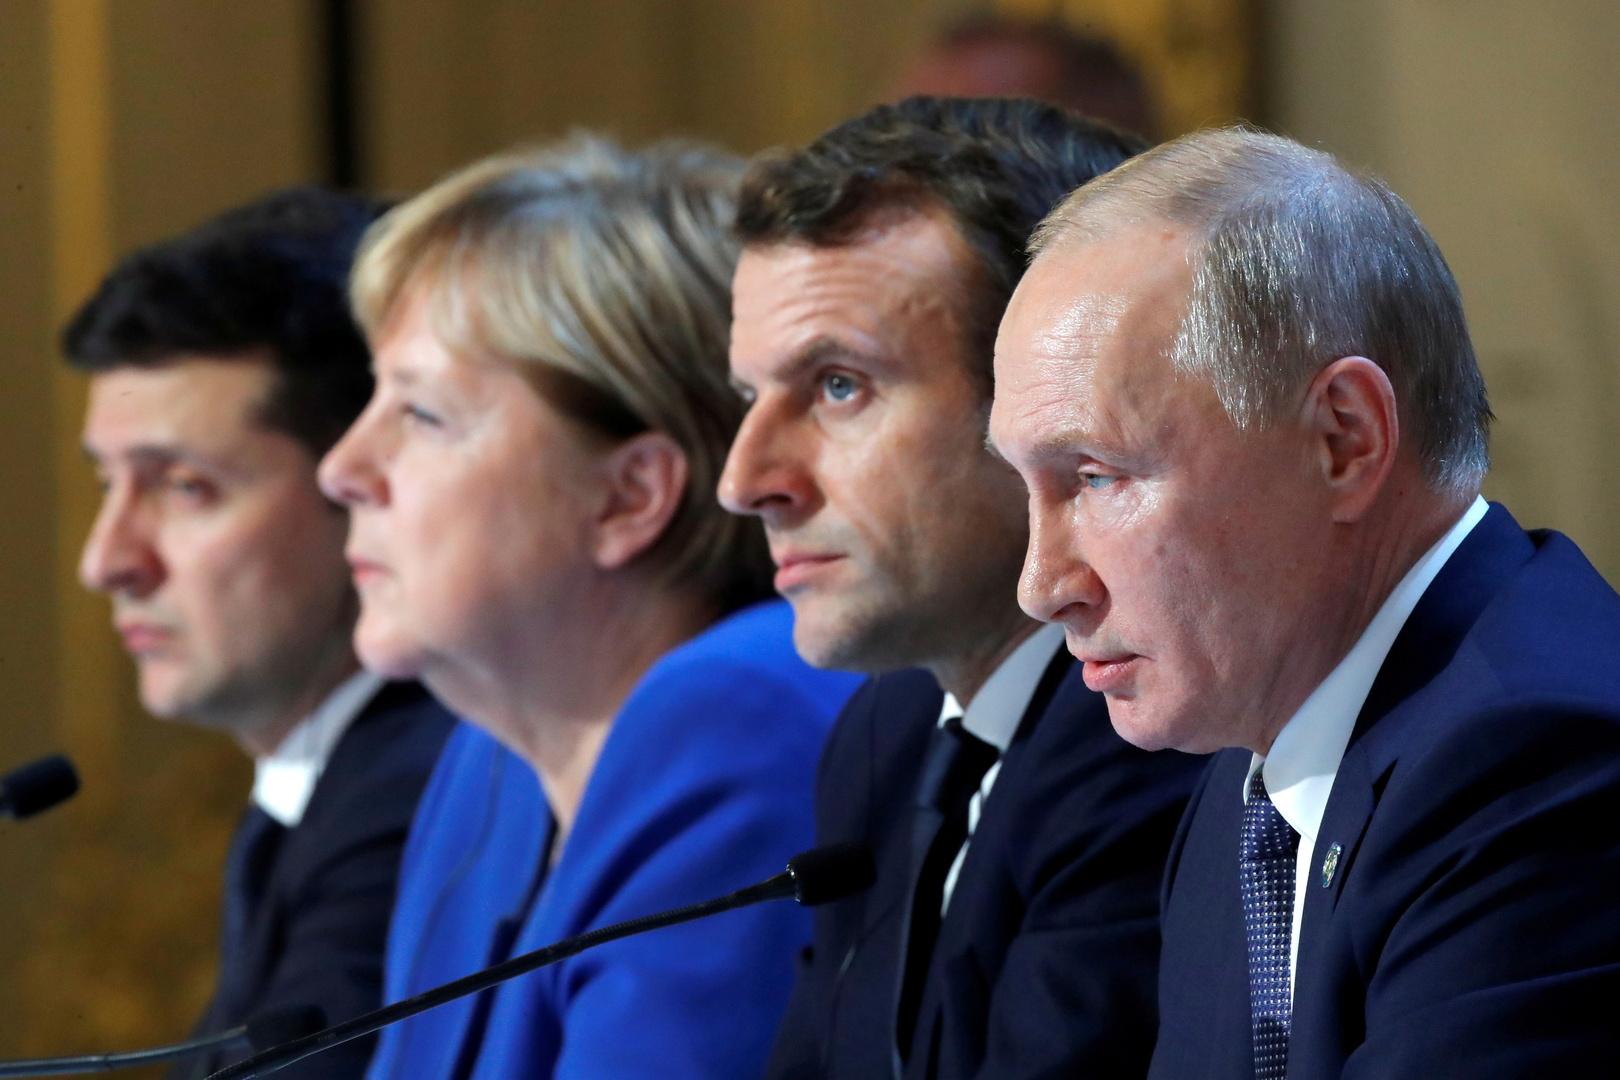 اتفاق بين روسيا وفرنسا وألمانيا وأوكرانيا على عقد اجتماع وزاري